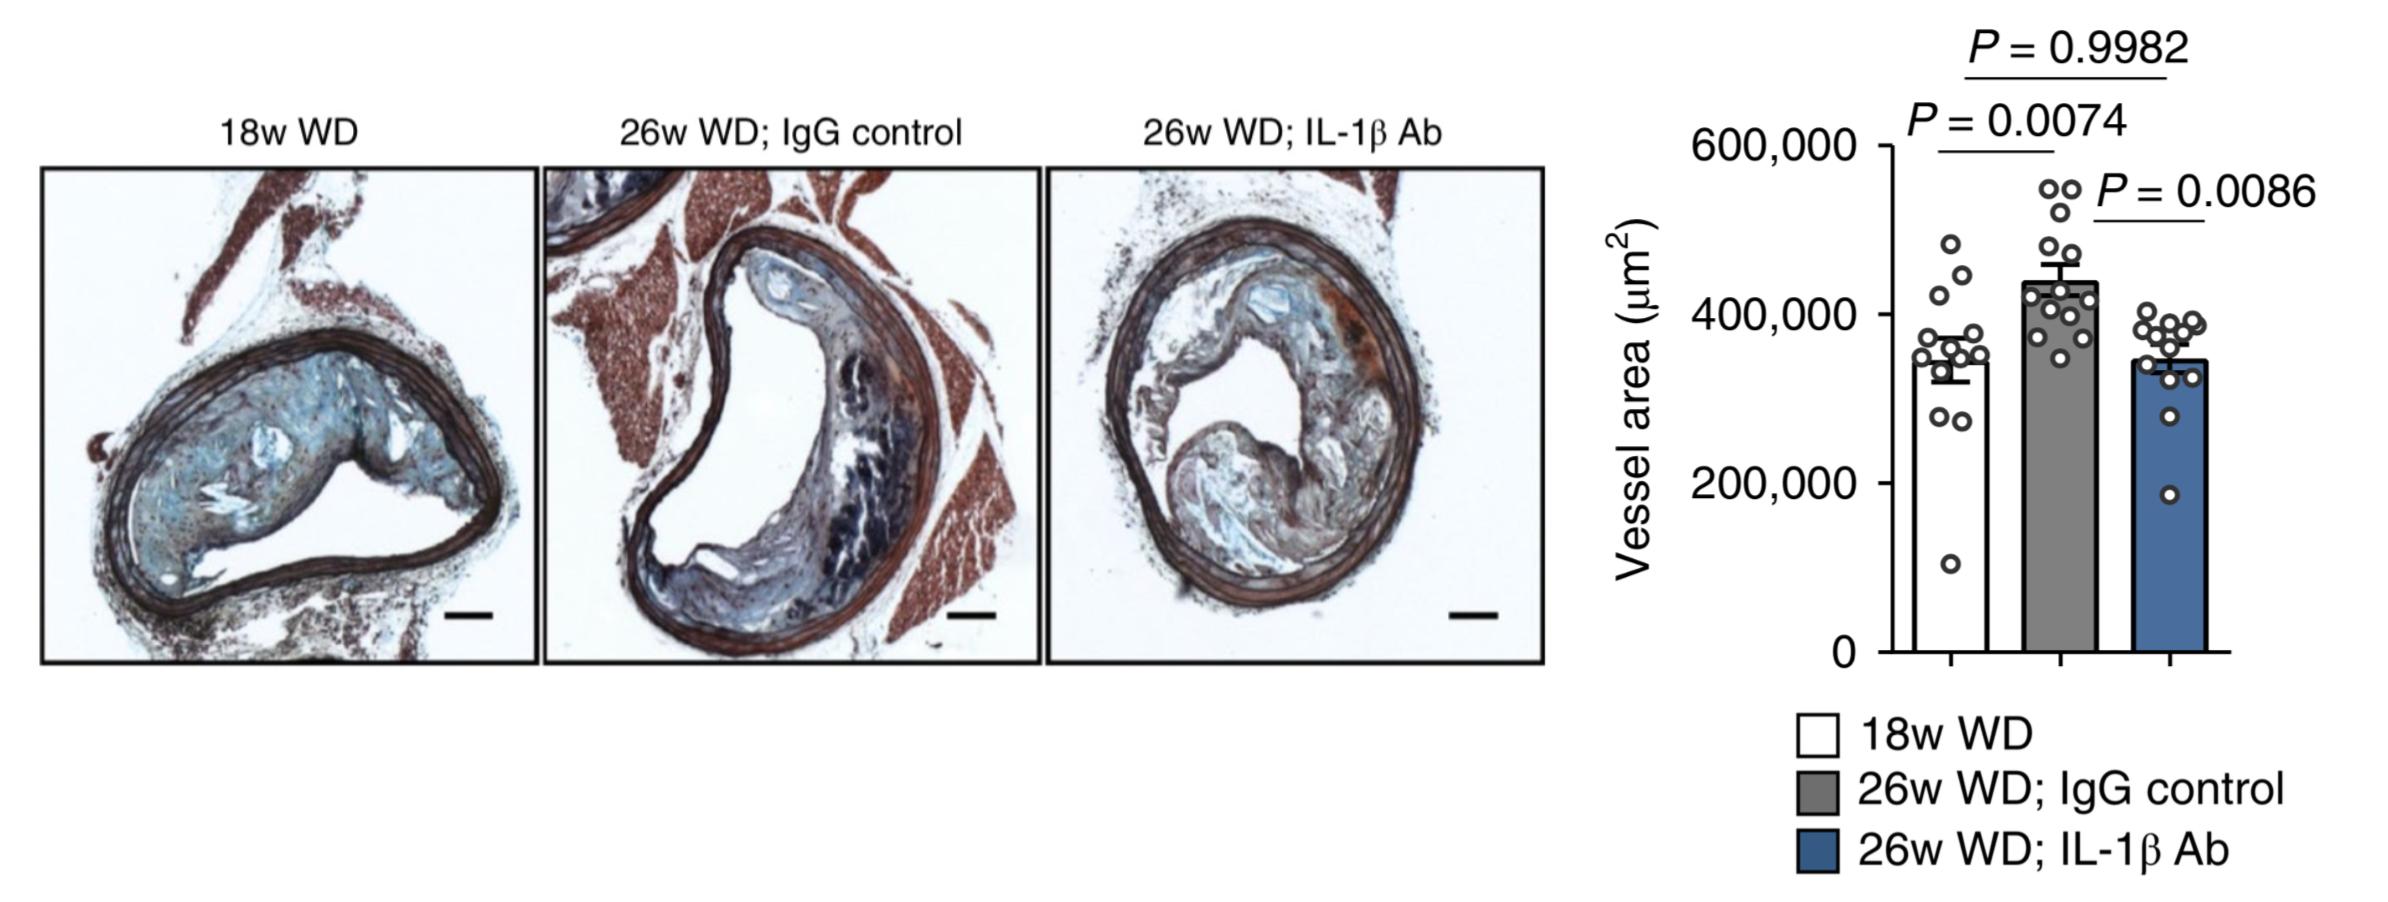 図5. マウス腕頭動脈切片における血管径評価(左:投薬前、中:プラセボ投与後、右:IL-1β Ab投与後)